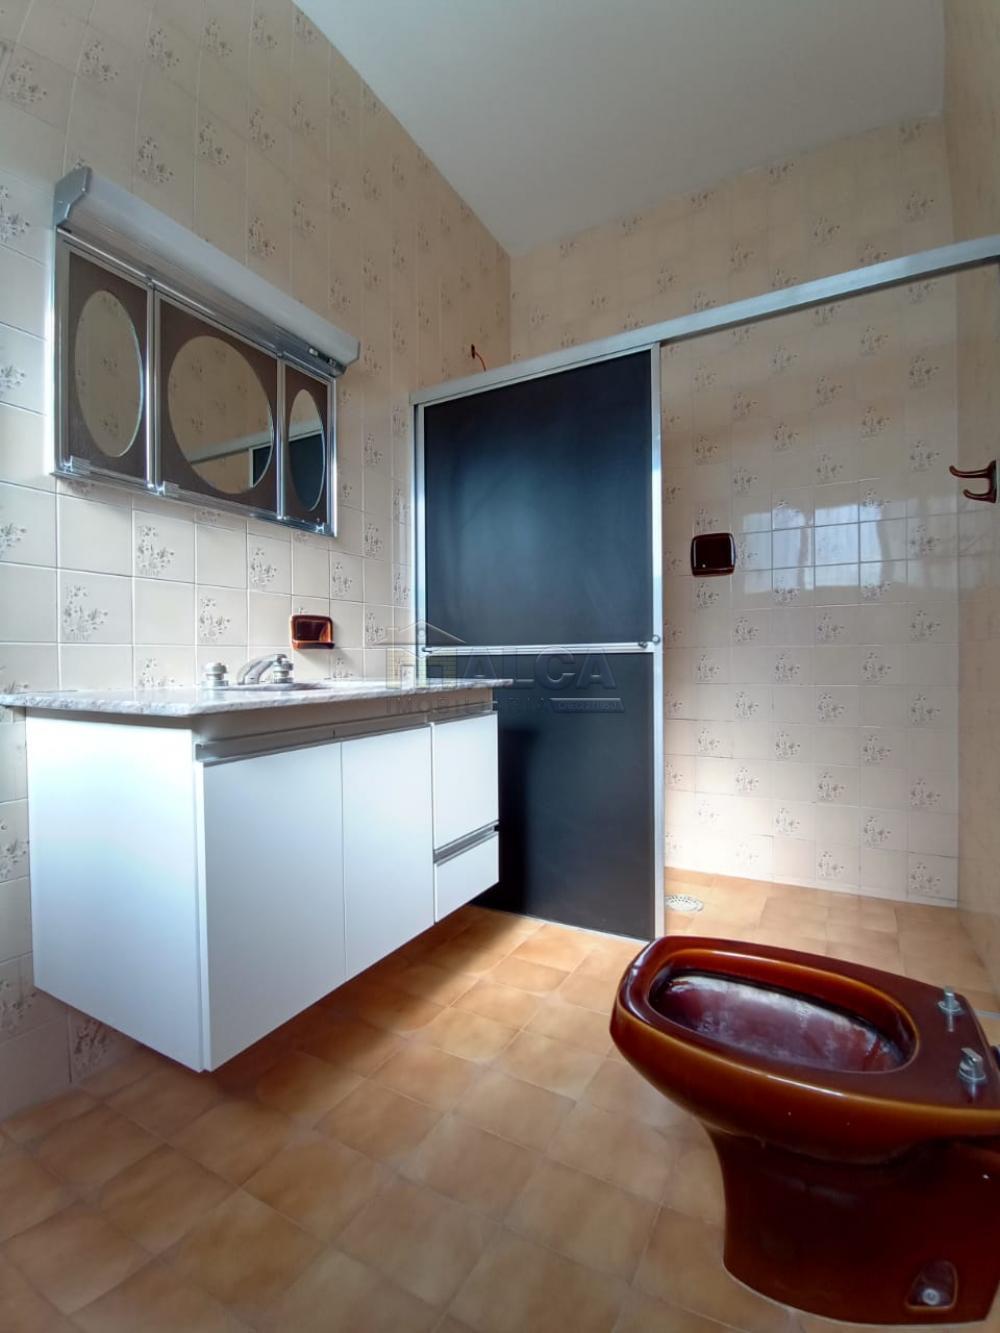 Alugar Casas / Padrão em São José do Rio Pardo apenas R$ 2.500,00 - Foto 16